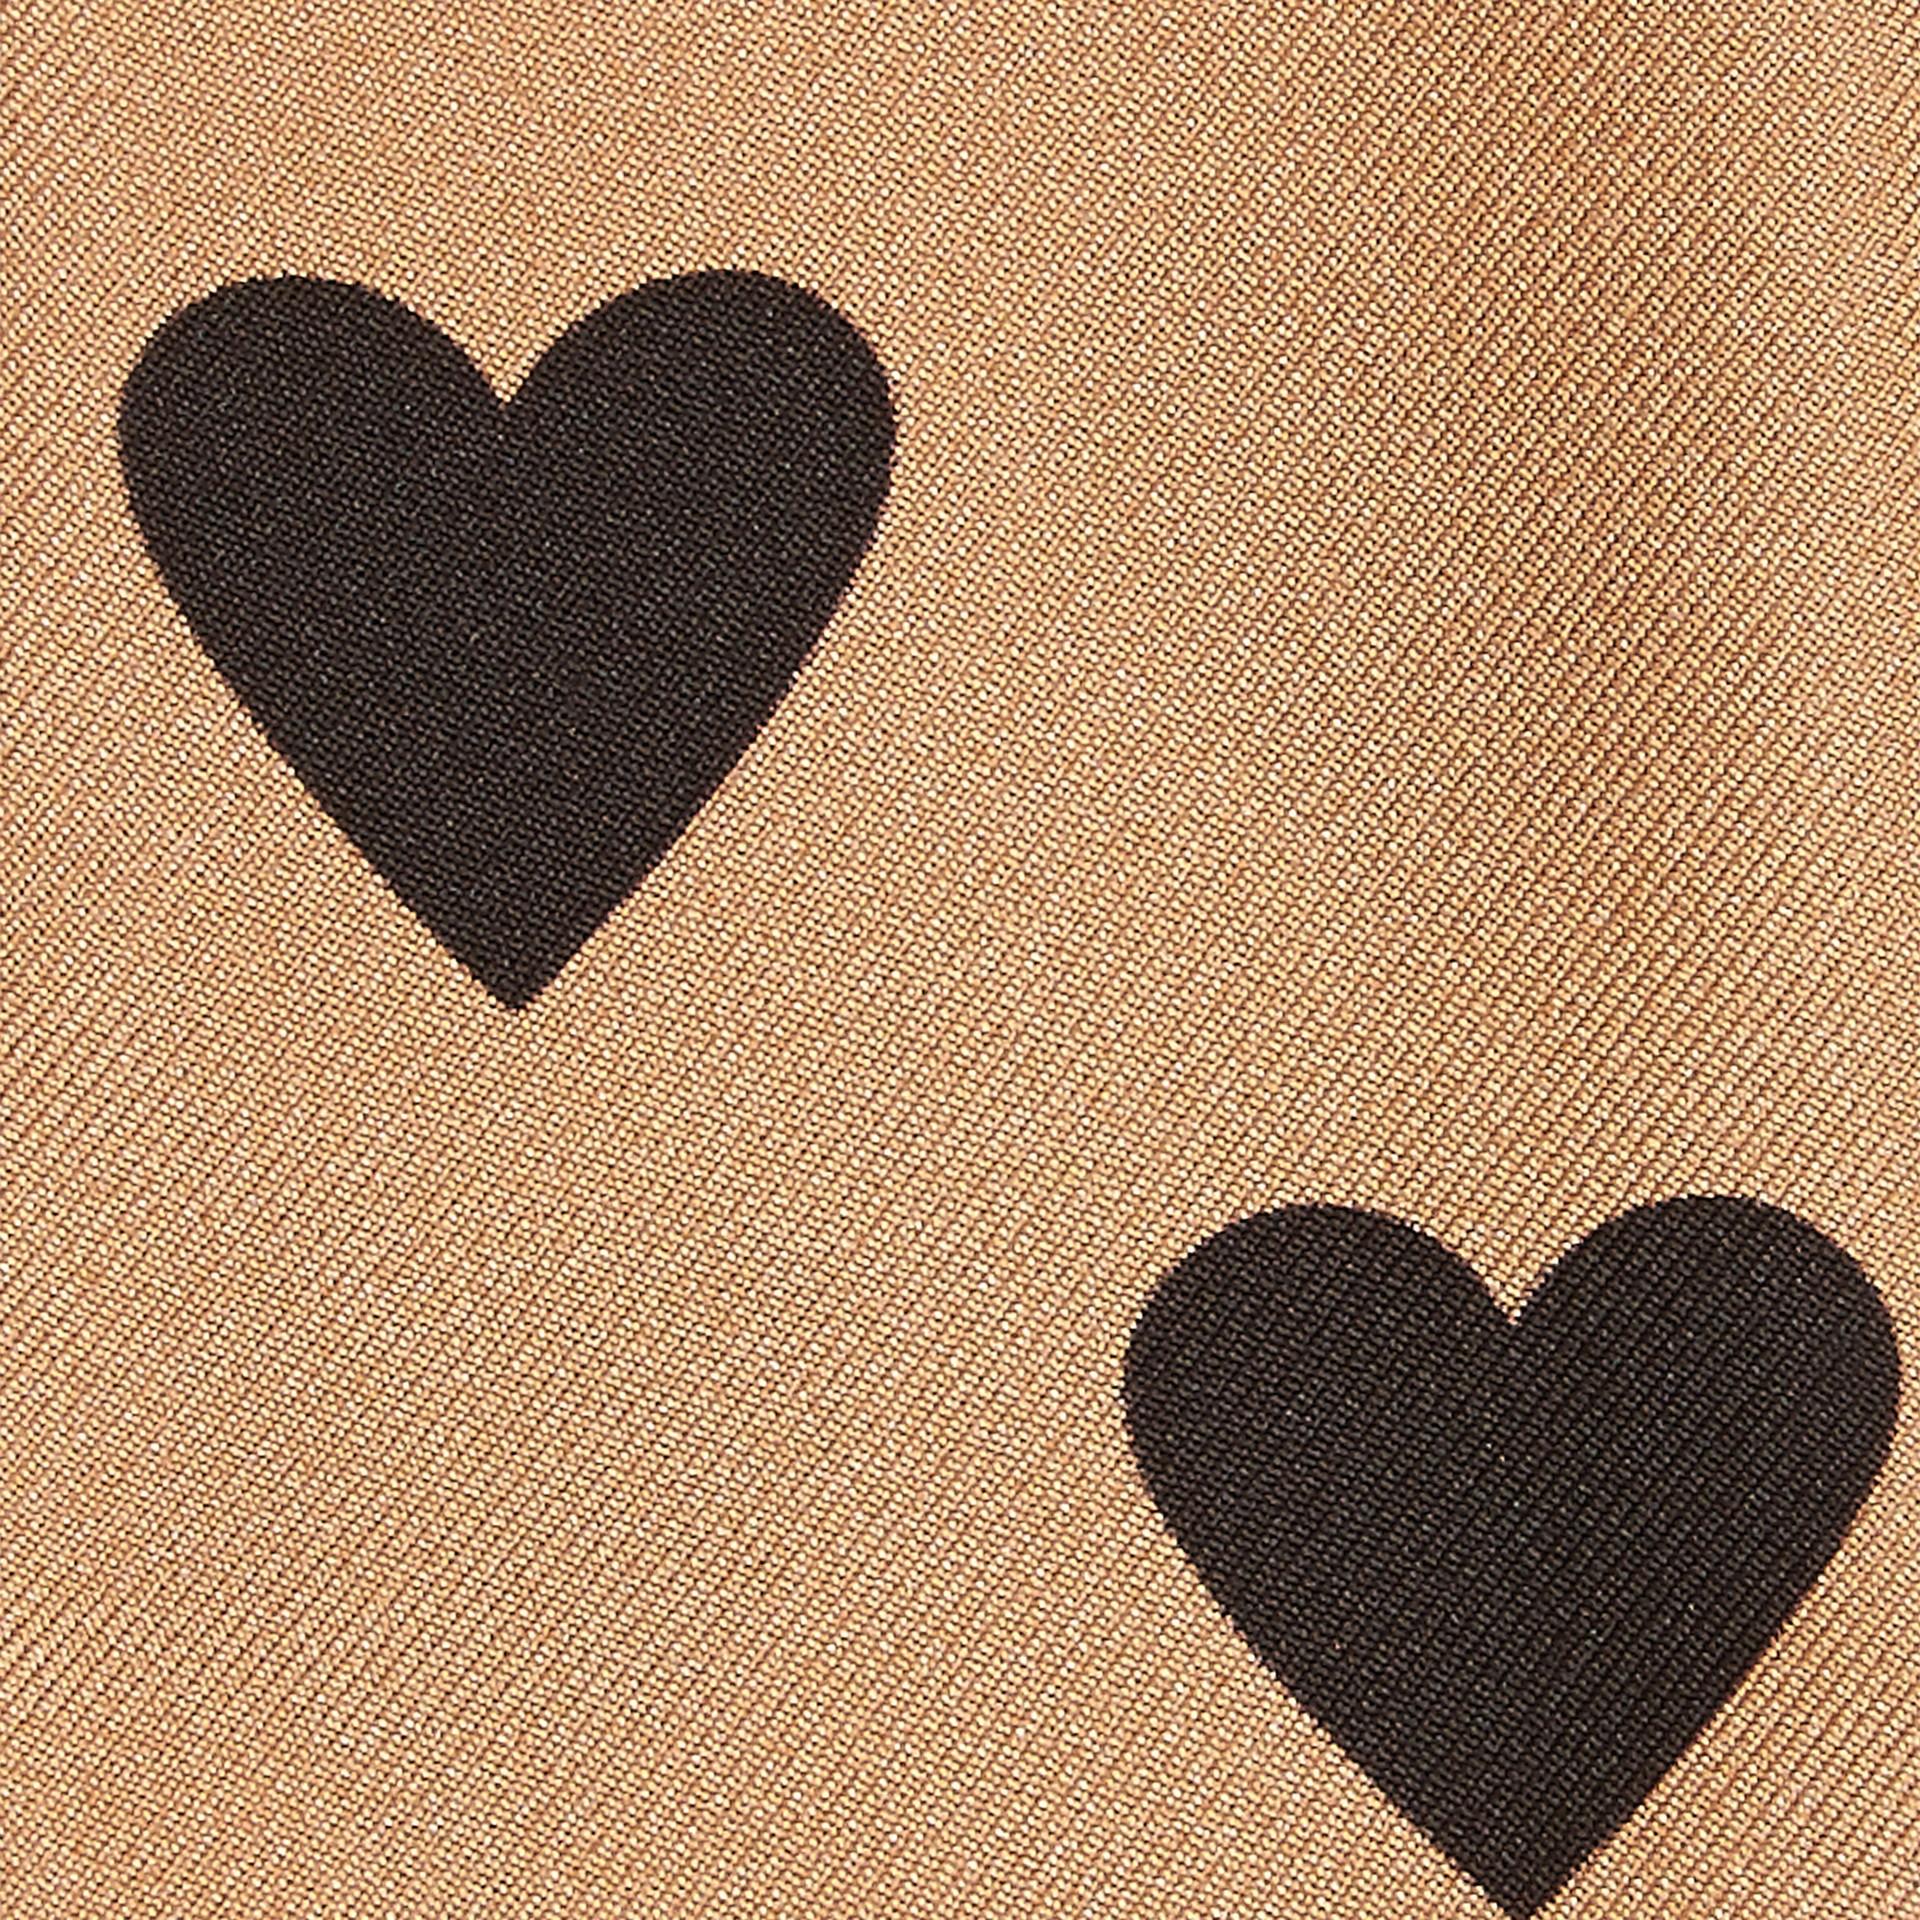 Camelfarben/schwarz Schmaler Seidenschal mit Herzmuster Camelfarben/schwarz - Galerie-Bild 2